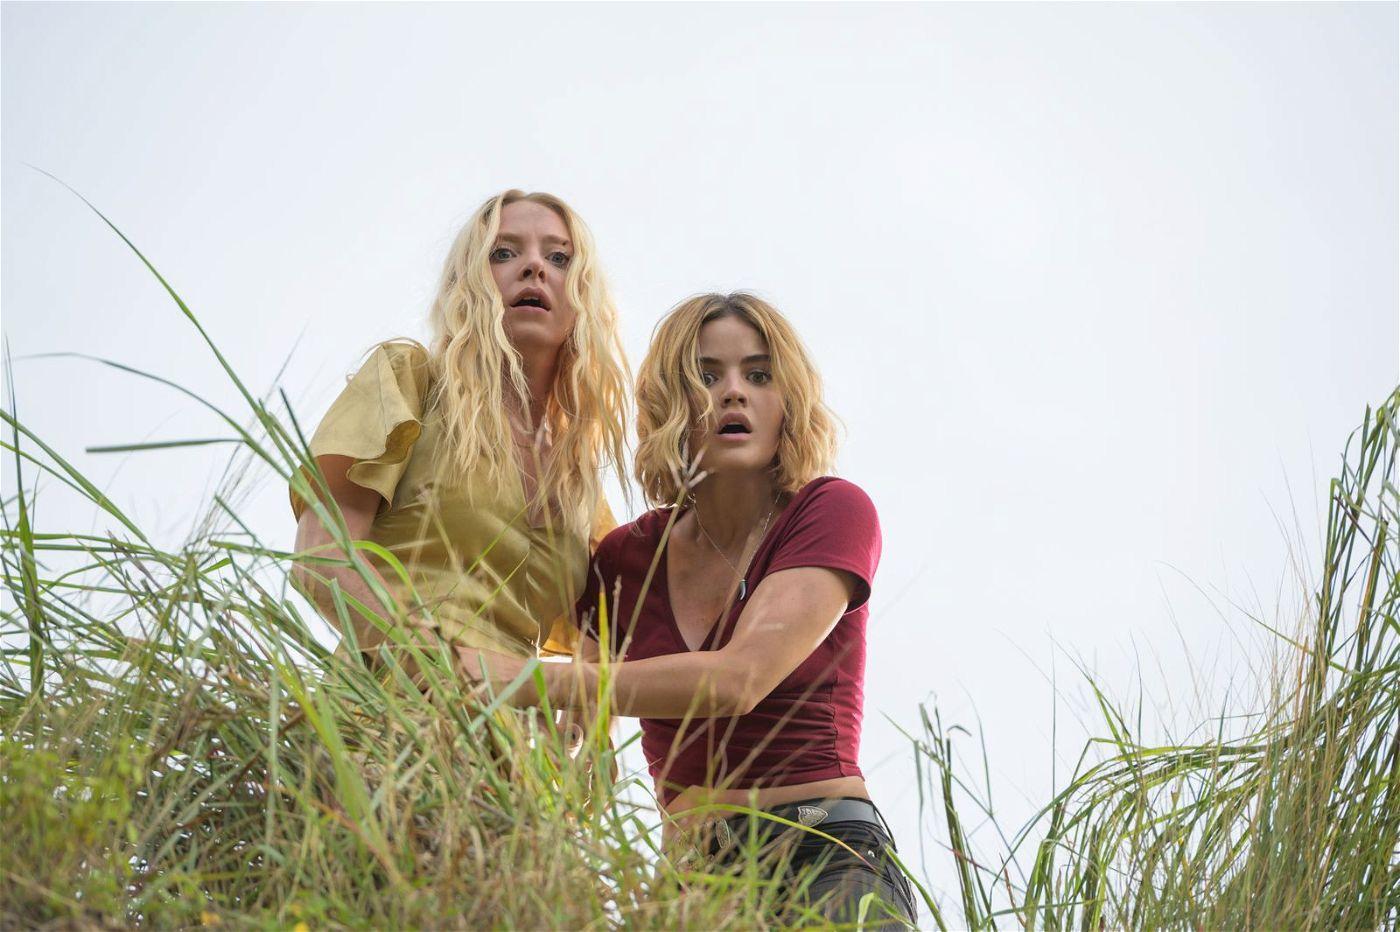 Eigentlich wollte sich Melanie (Lucy Hale, rechts) an Sloane (Portia Doubelday) rächen. Nun aber sind beide Frauen in Gefahr.